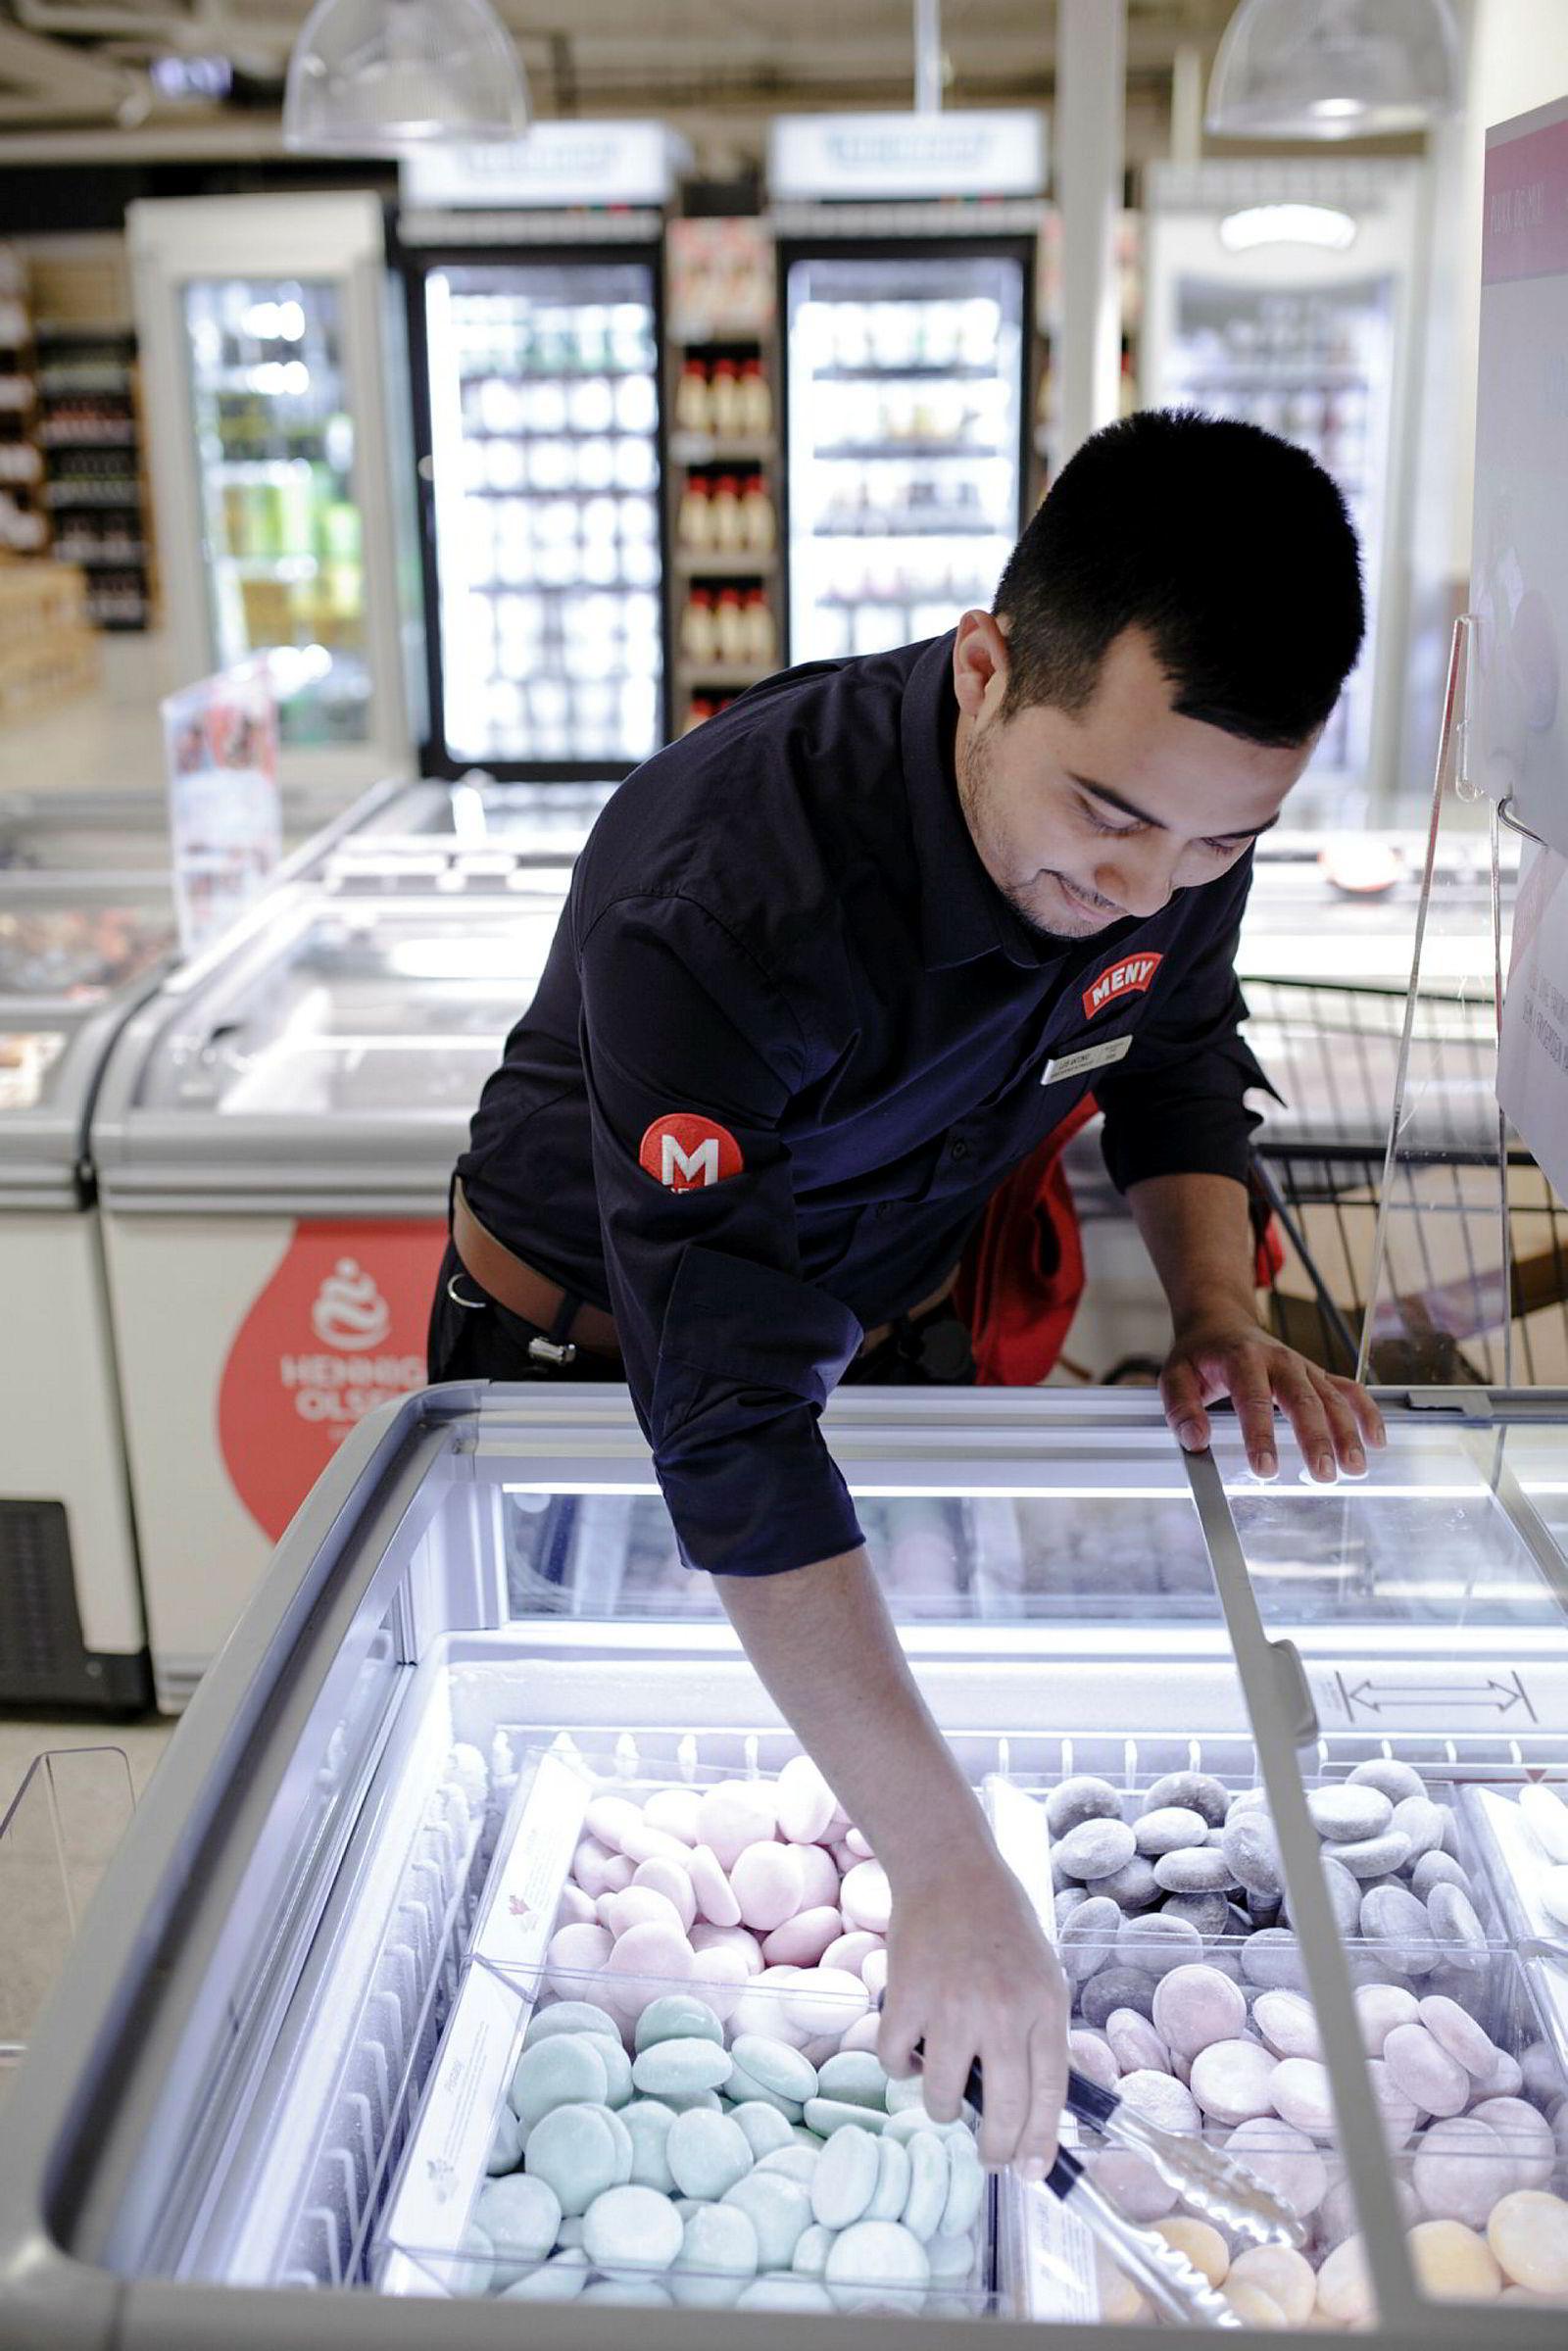 Luis Antonio Reyes (26) viser frem «Bubbies», is formet som små kuler som man kan kjøpe i løsvekt. Denne isen selges det mest av forteller han.